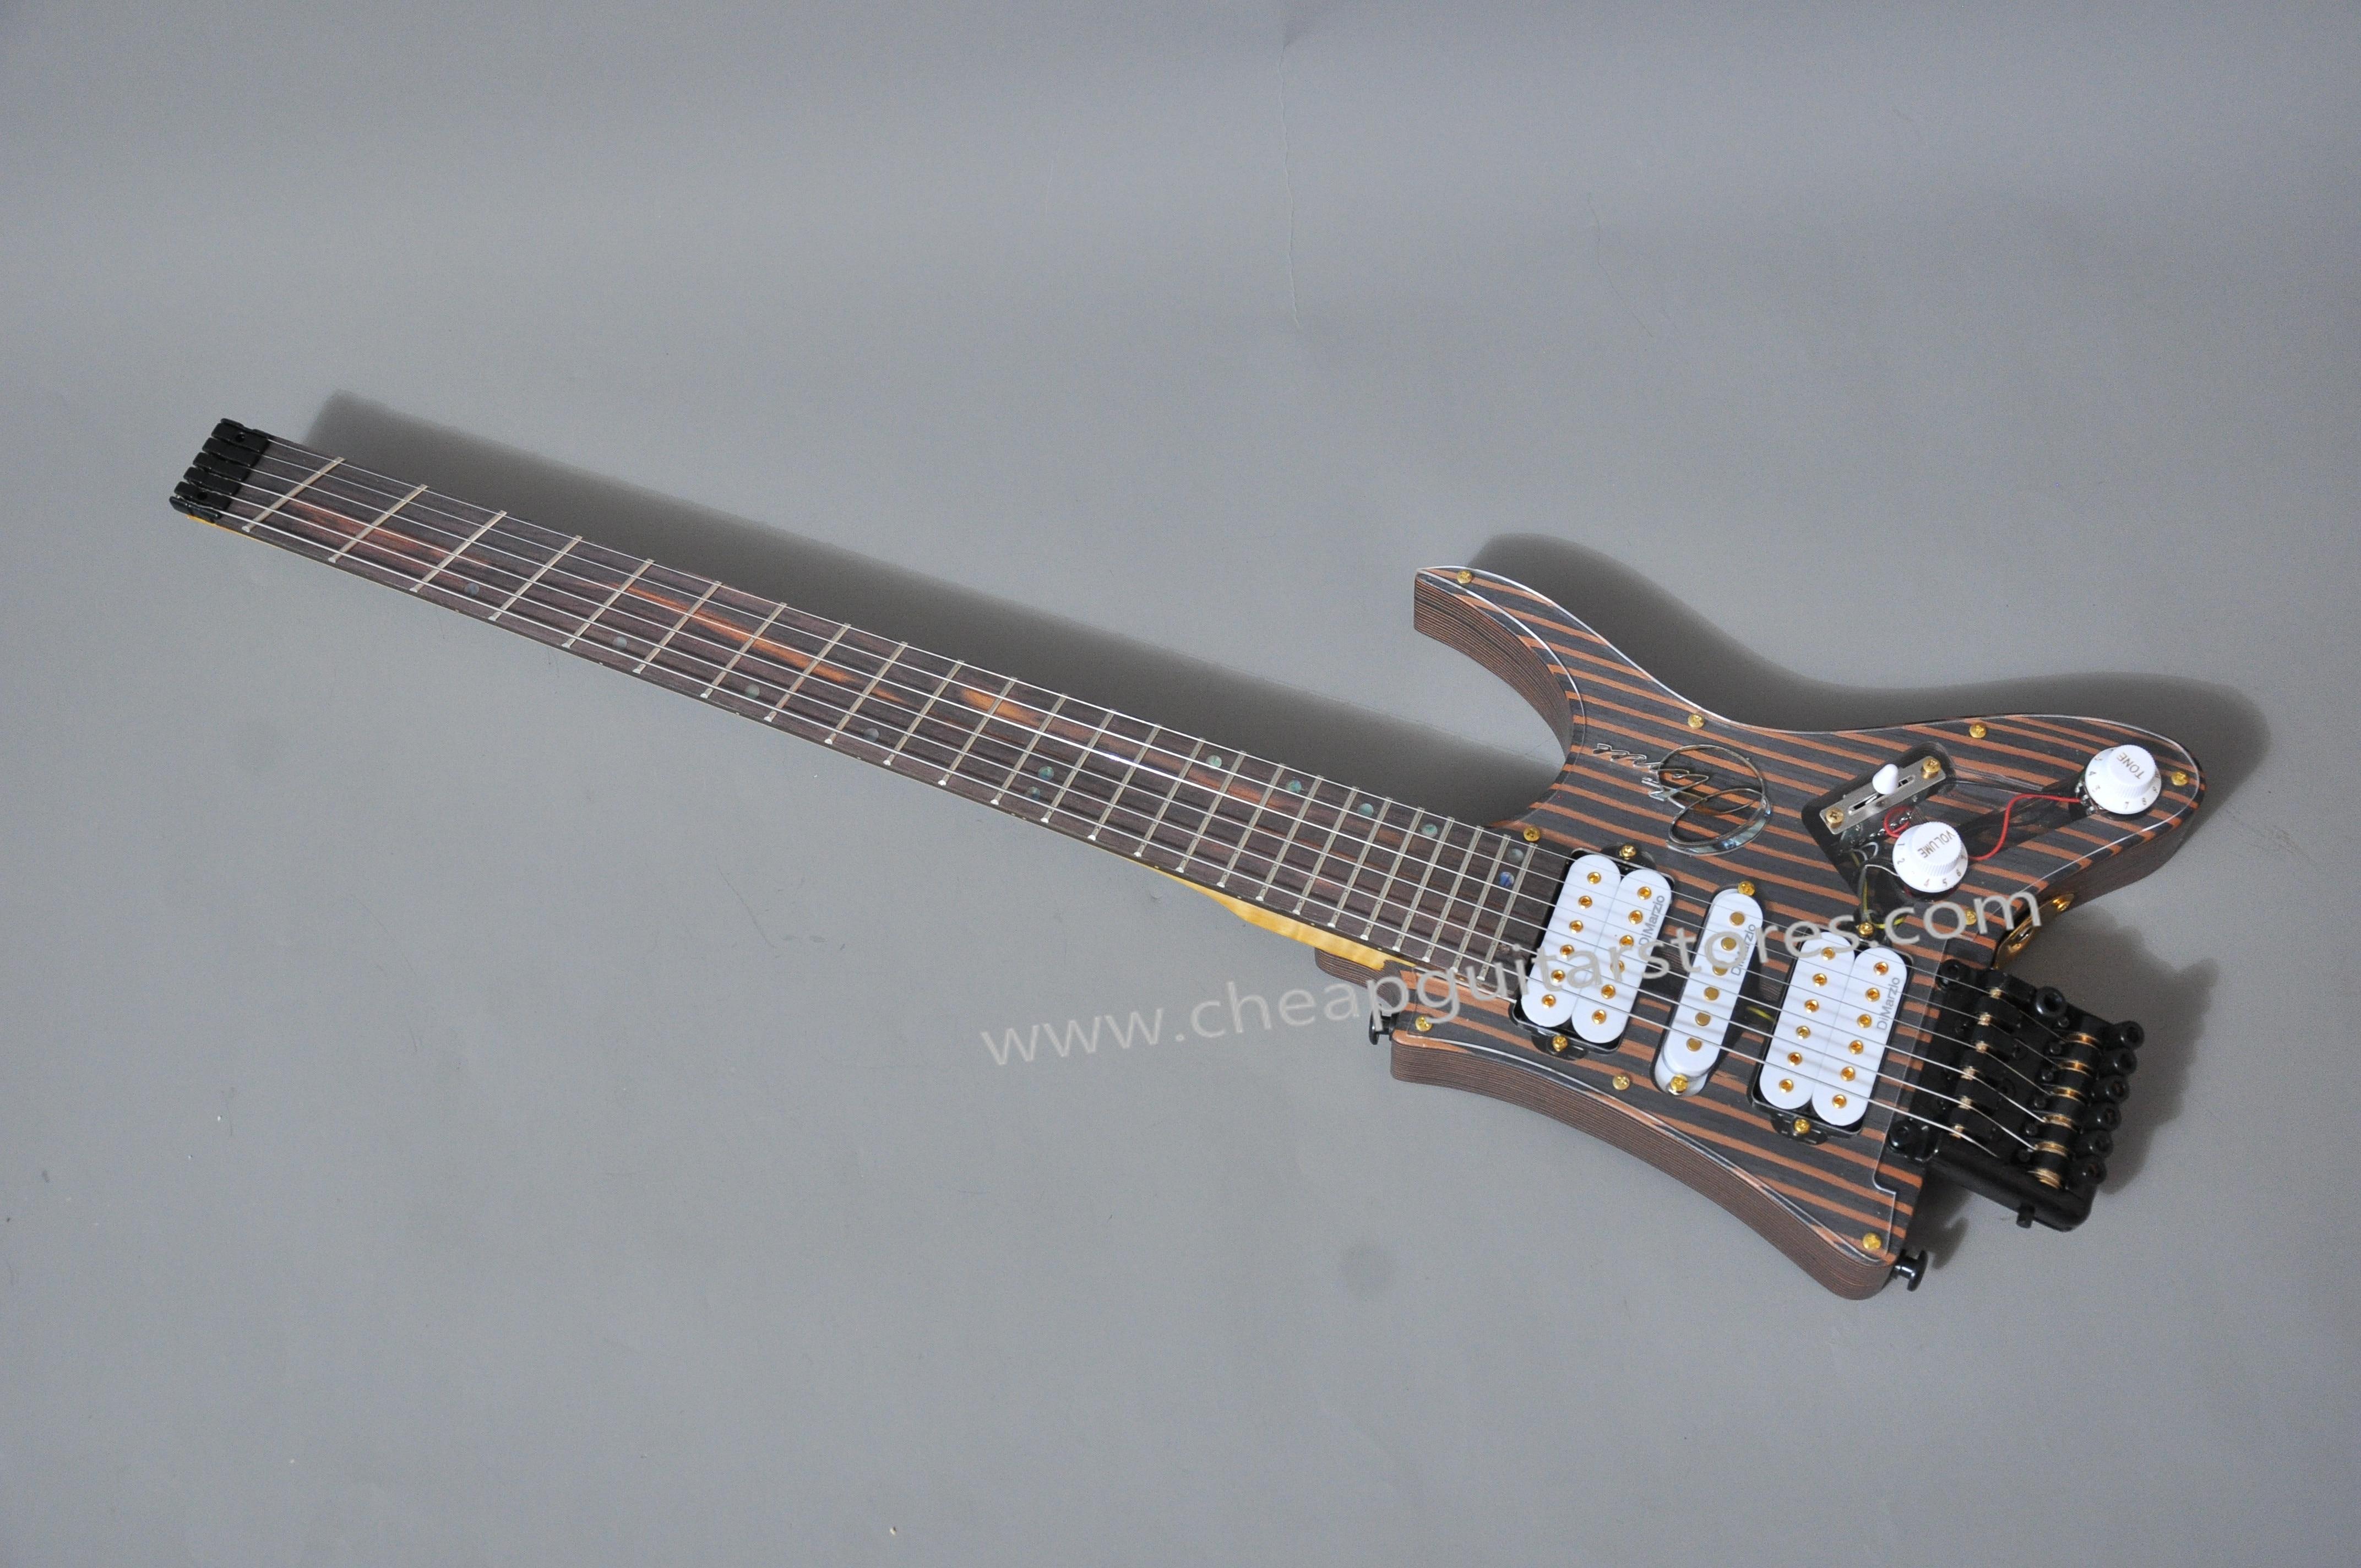 Guitare électrique gitaar pour guitare bricolage guitare explorateur